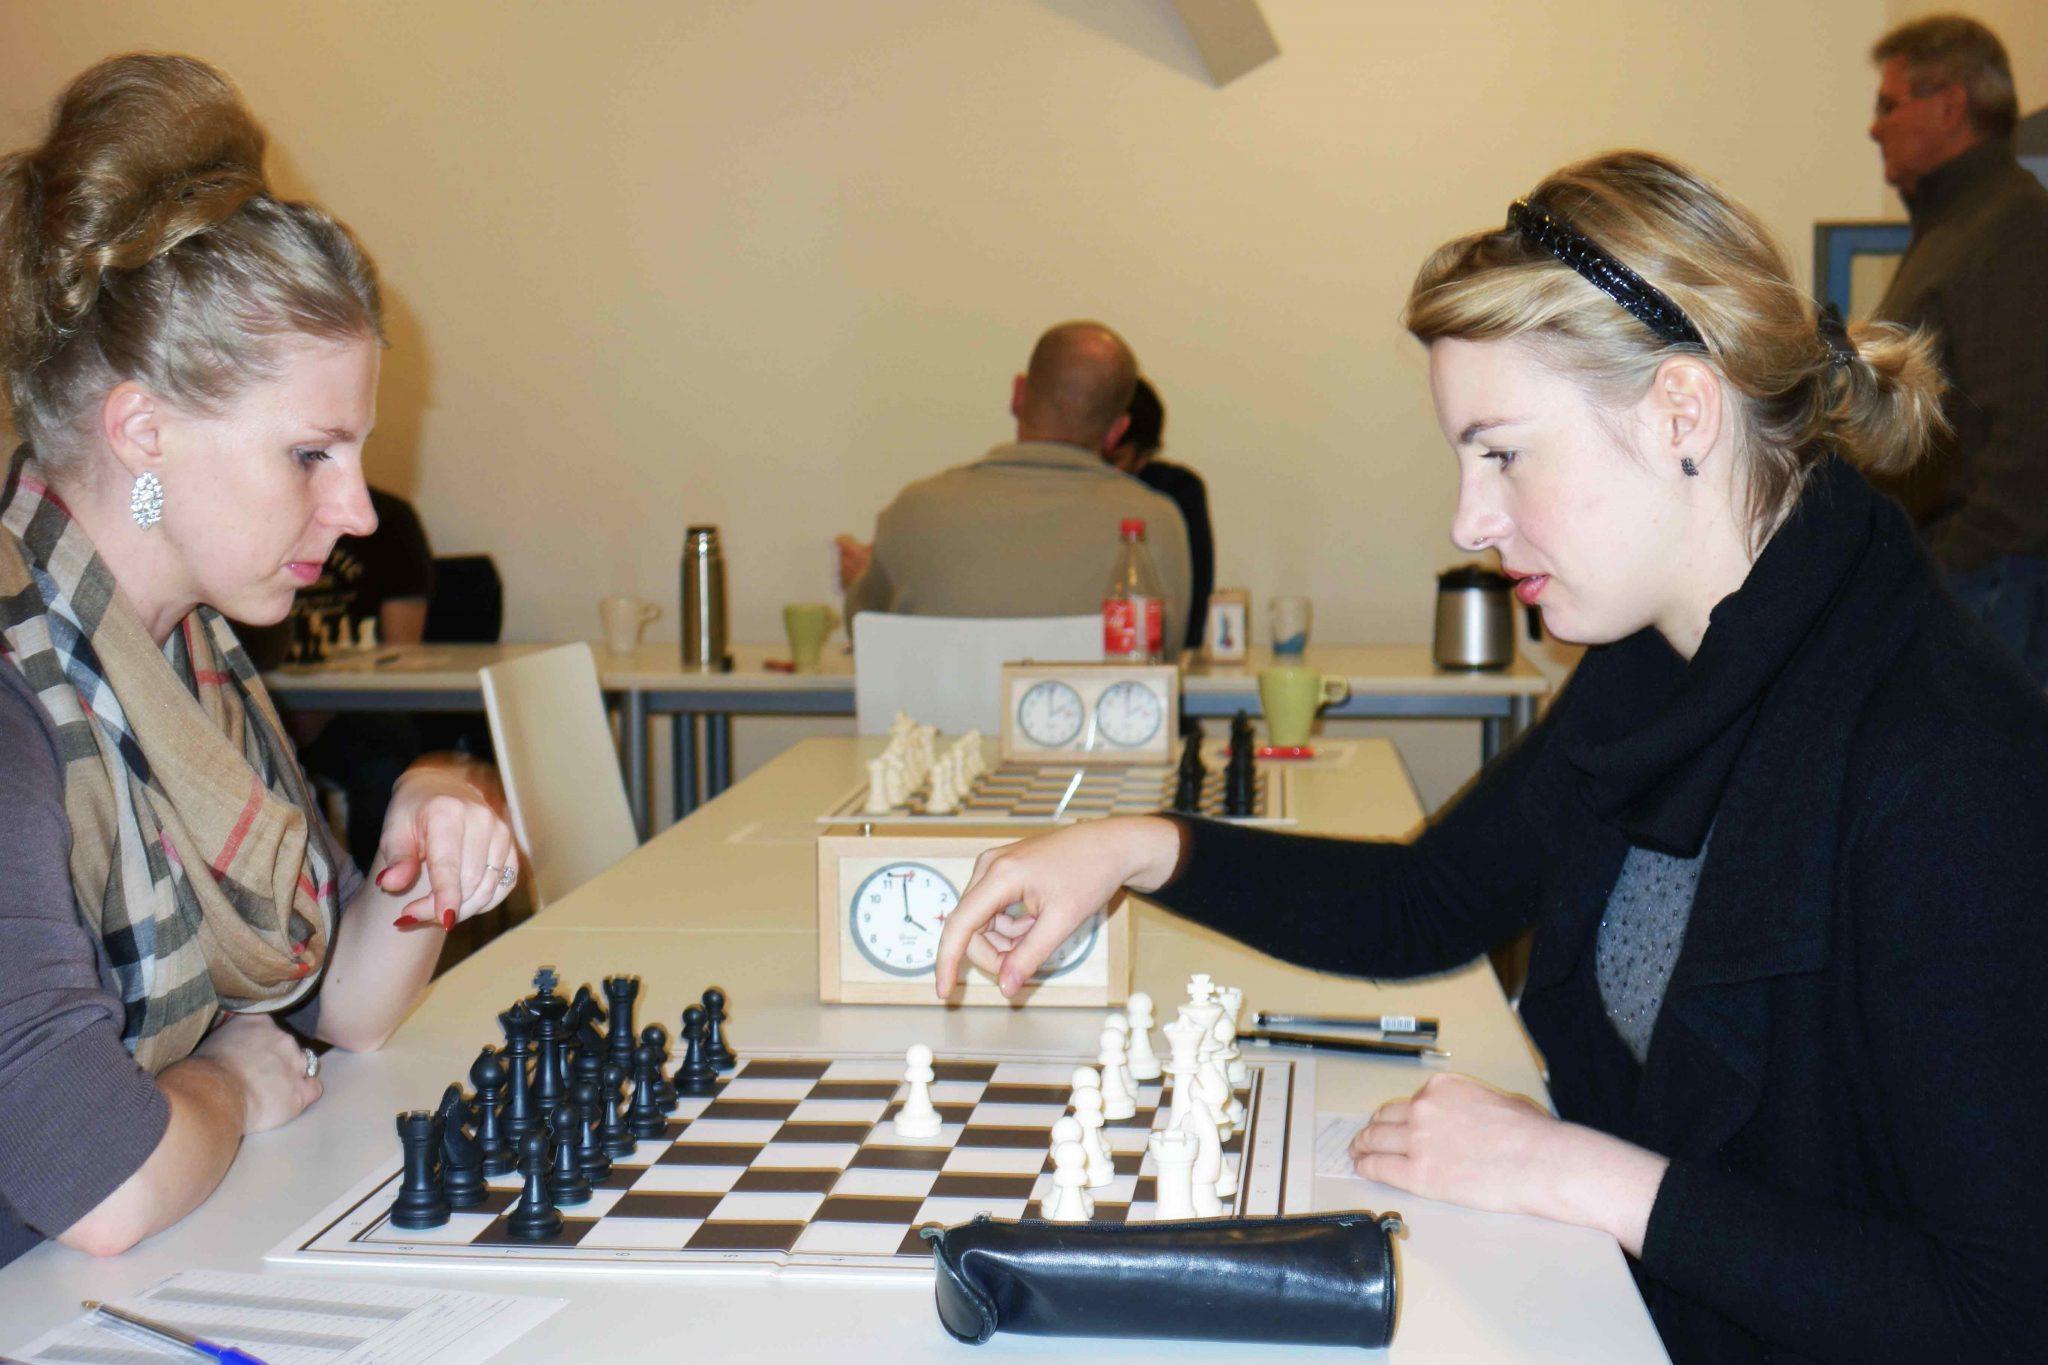 Weddiner Schachfest 2015 Königliches Spiel auch für Frauen - Foto von Harald Fietz